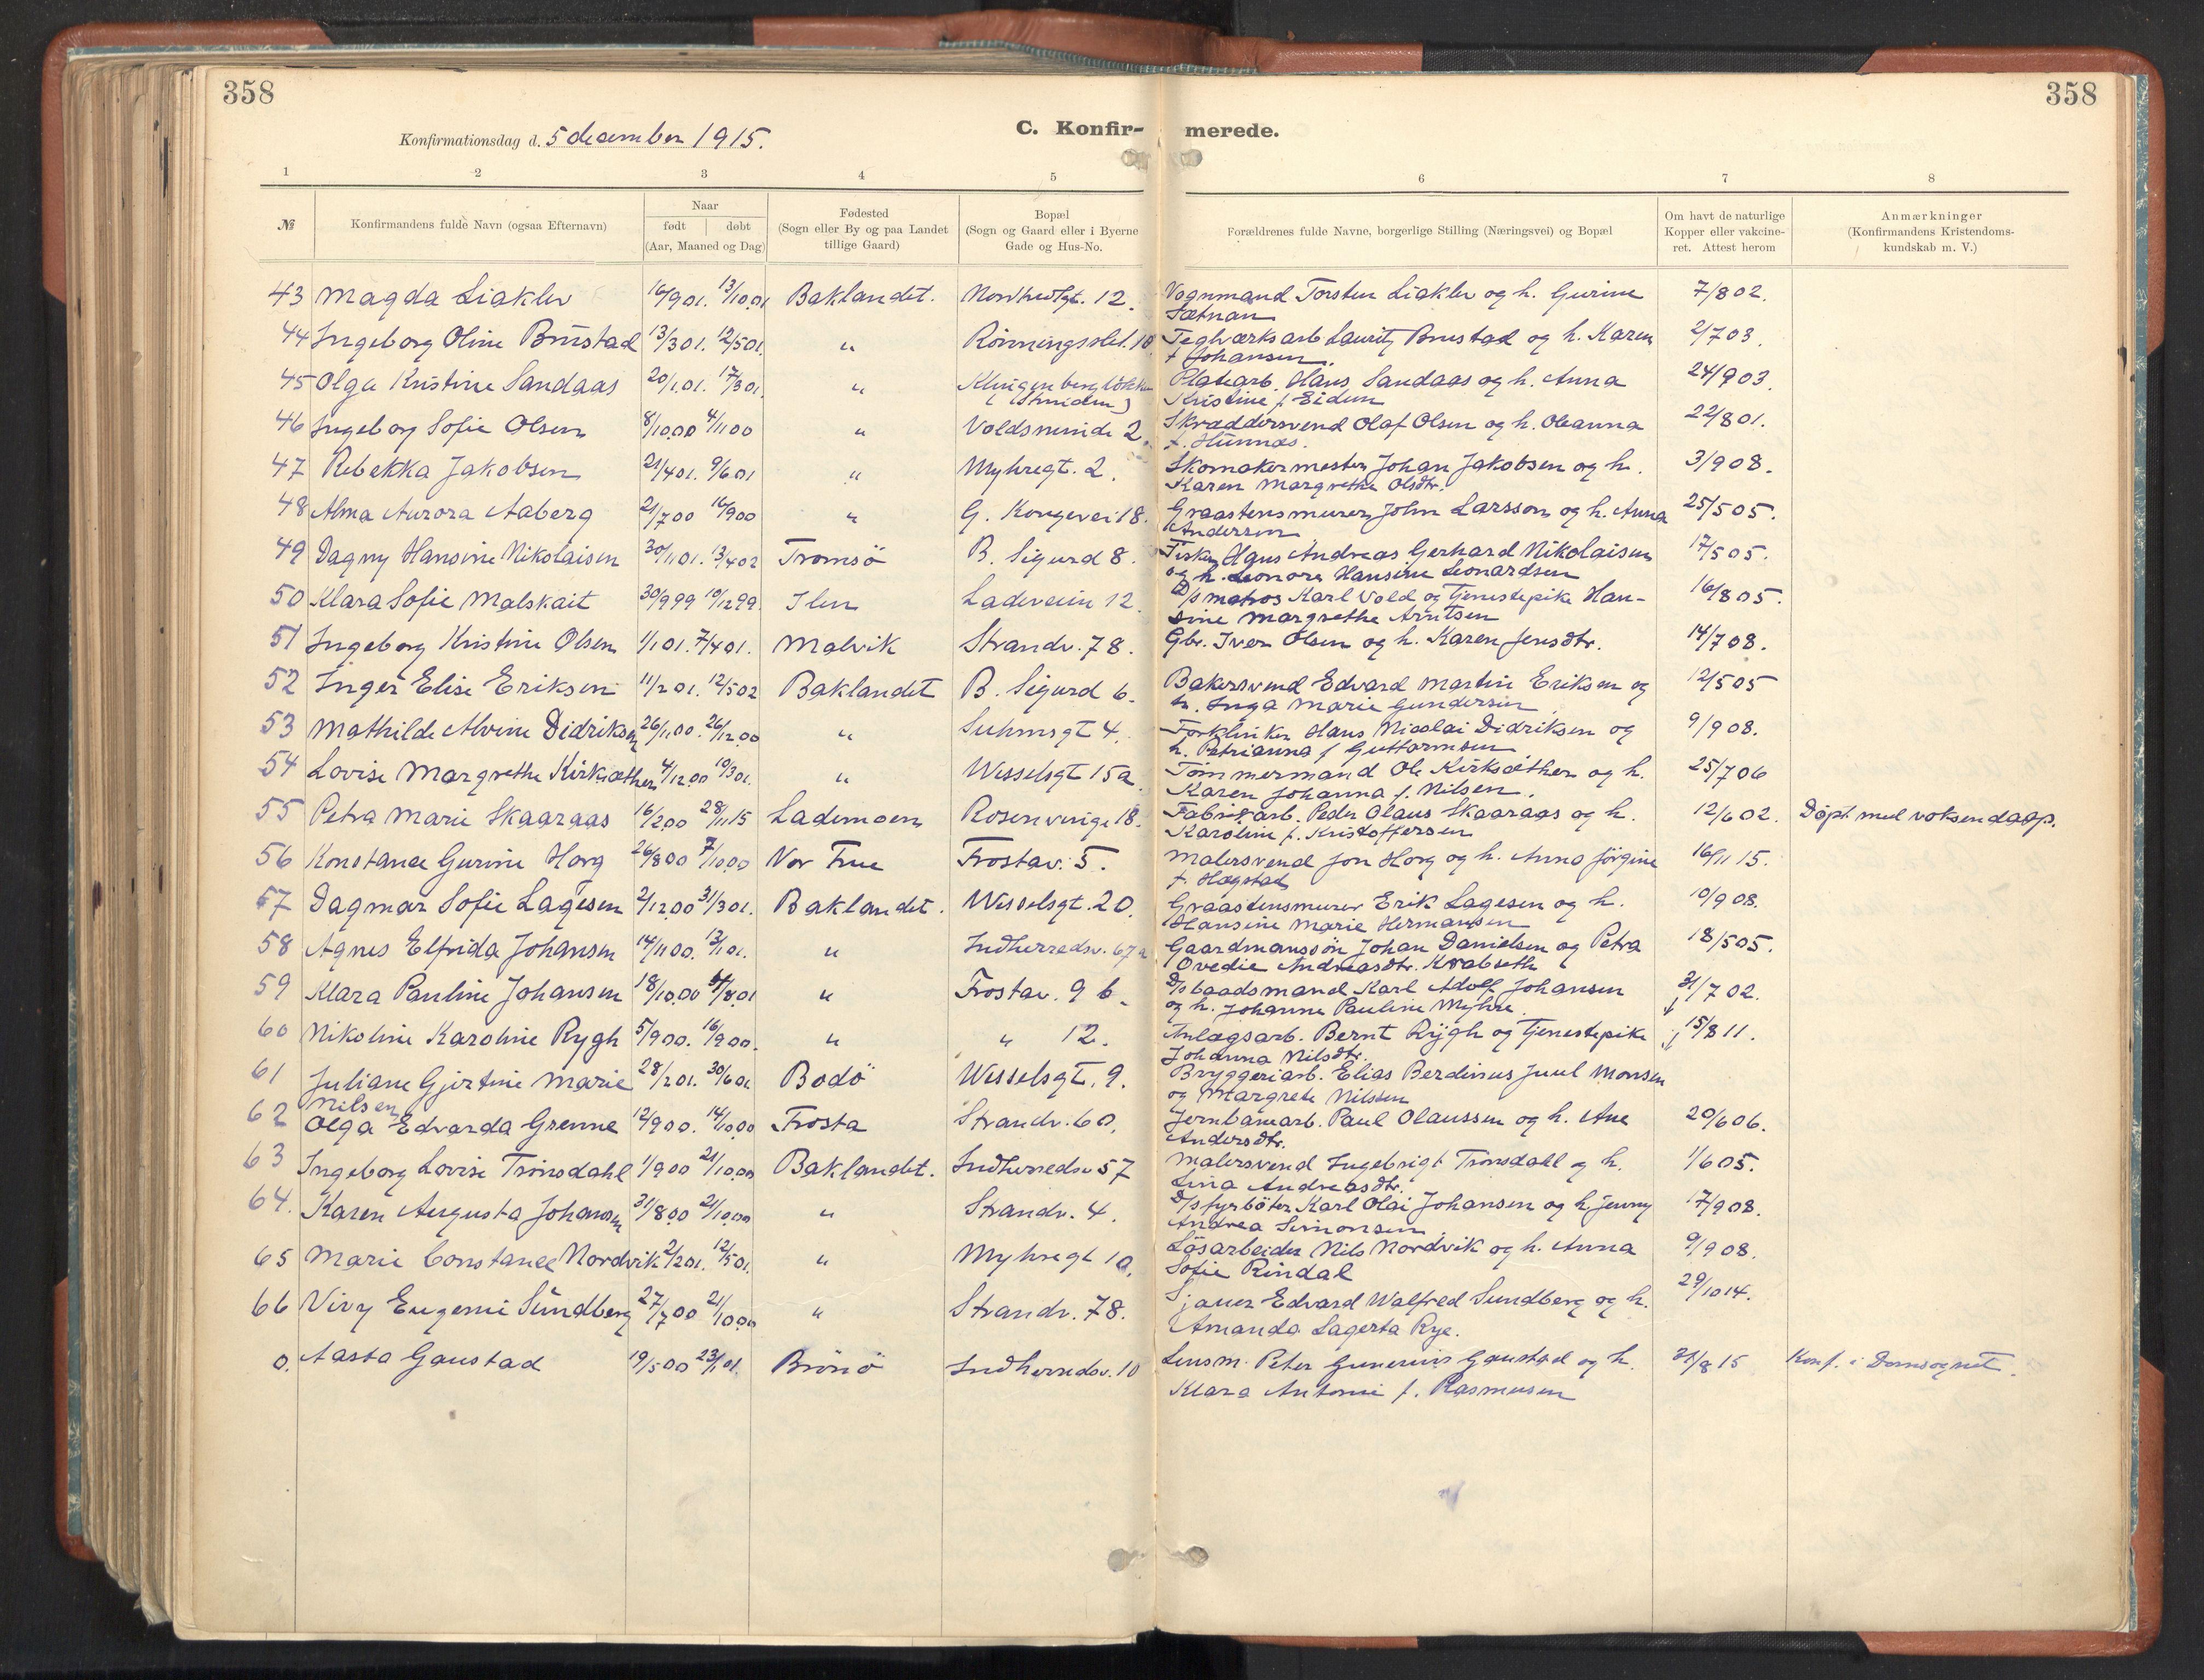 SAT, Ministerialprotokoller, klokkerbøker og fødselsregistre - Sør-Trøndelag, 605/L0243: Ministerialbok nr. 605A05, 1908-1923, s. 358